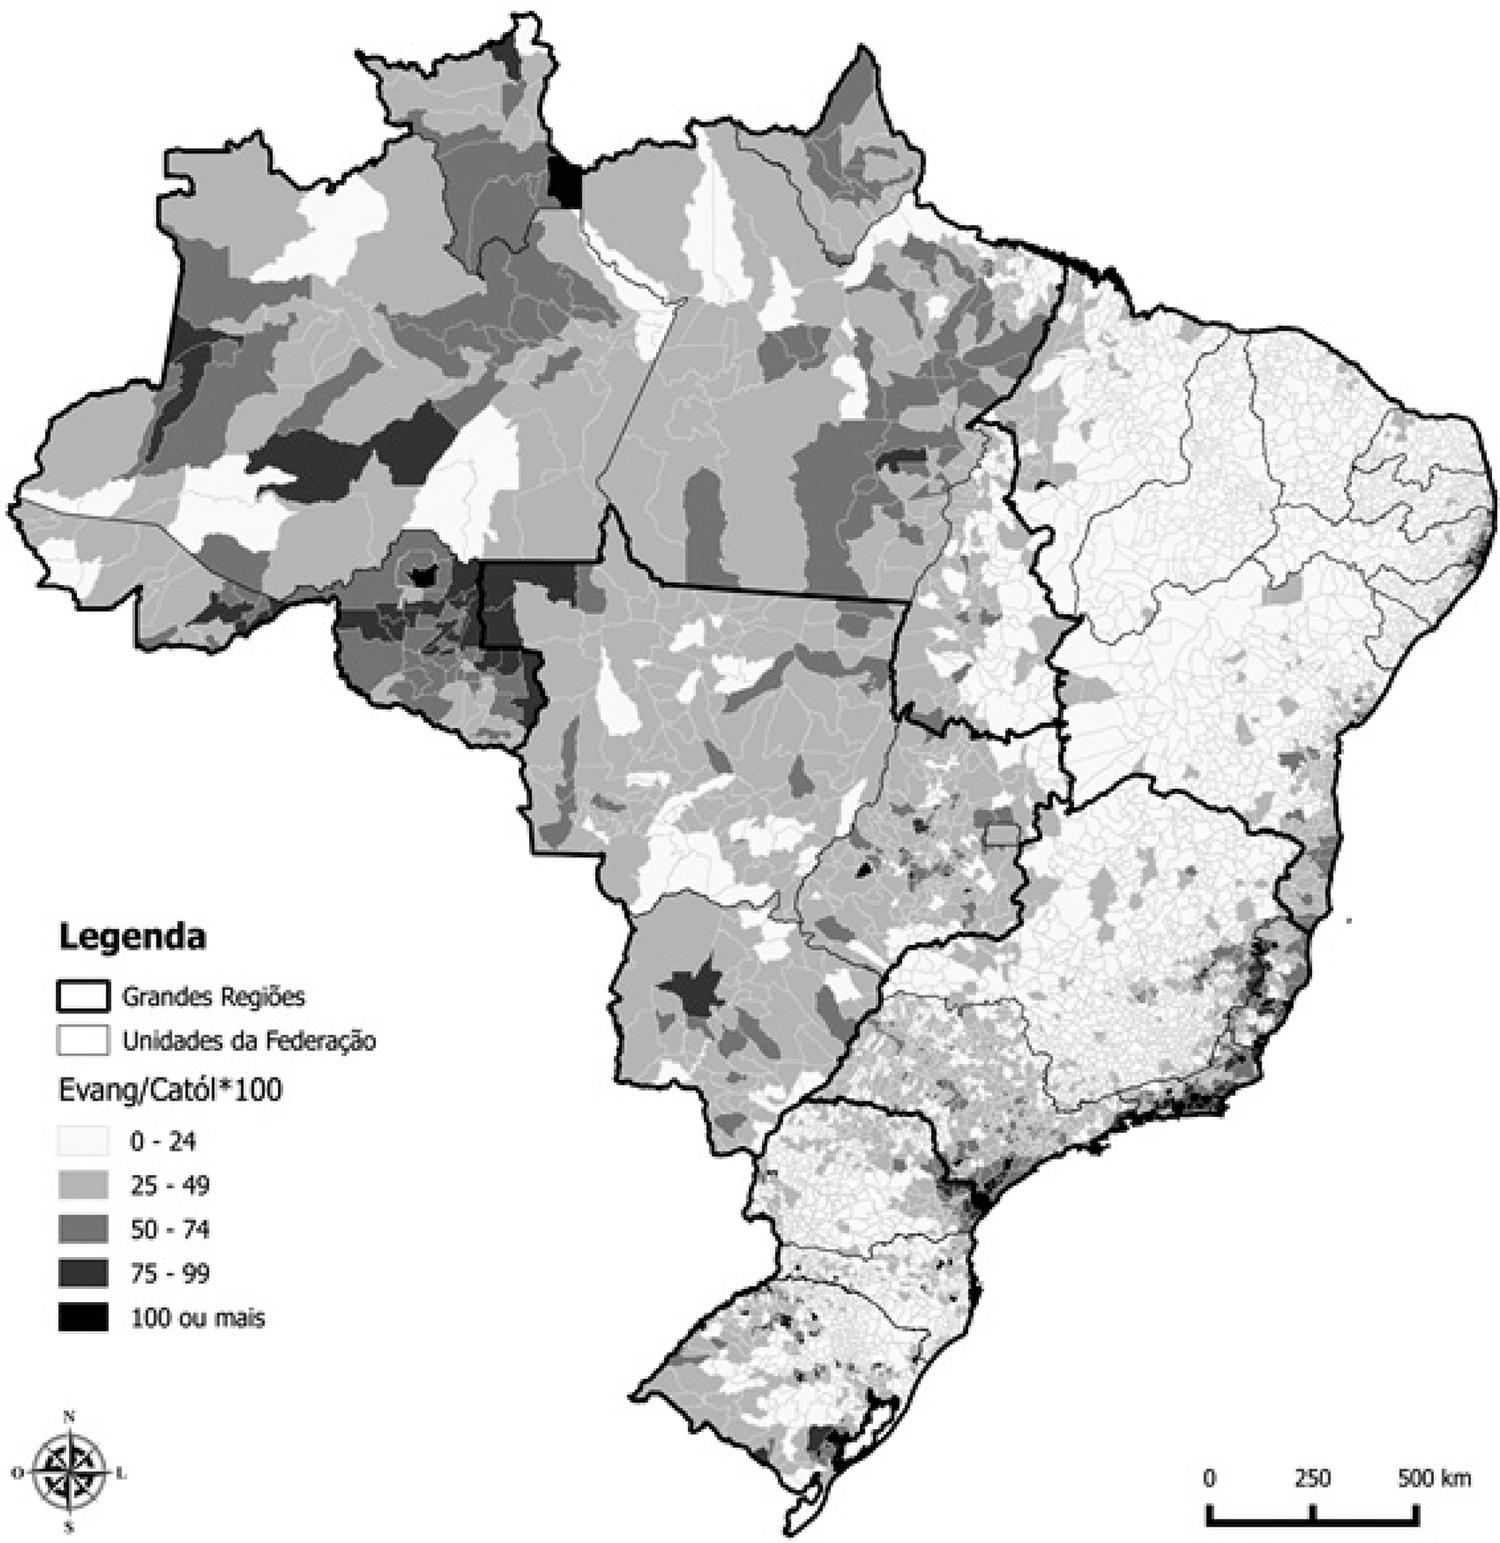 Razão de Evangélicos sobre Católicos (por 100) para os Municípios Brasileiros, 2010